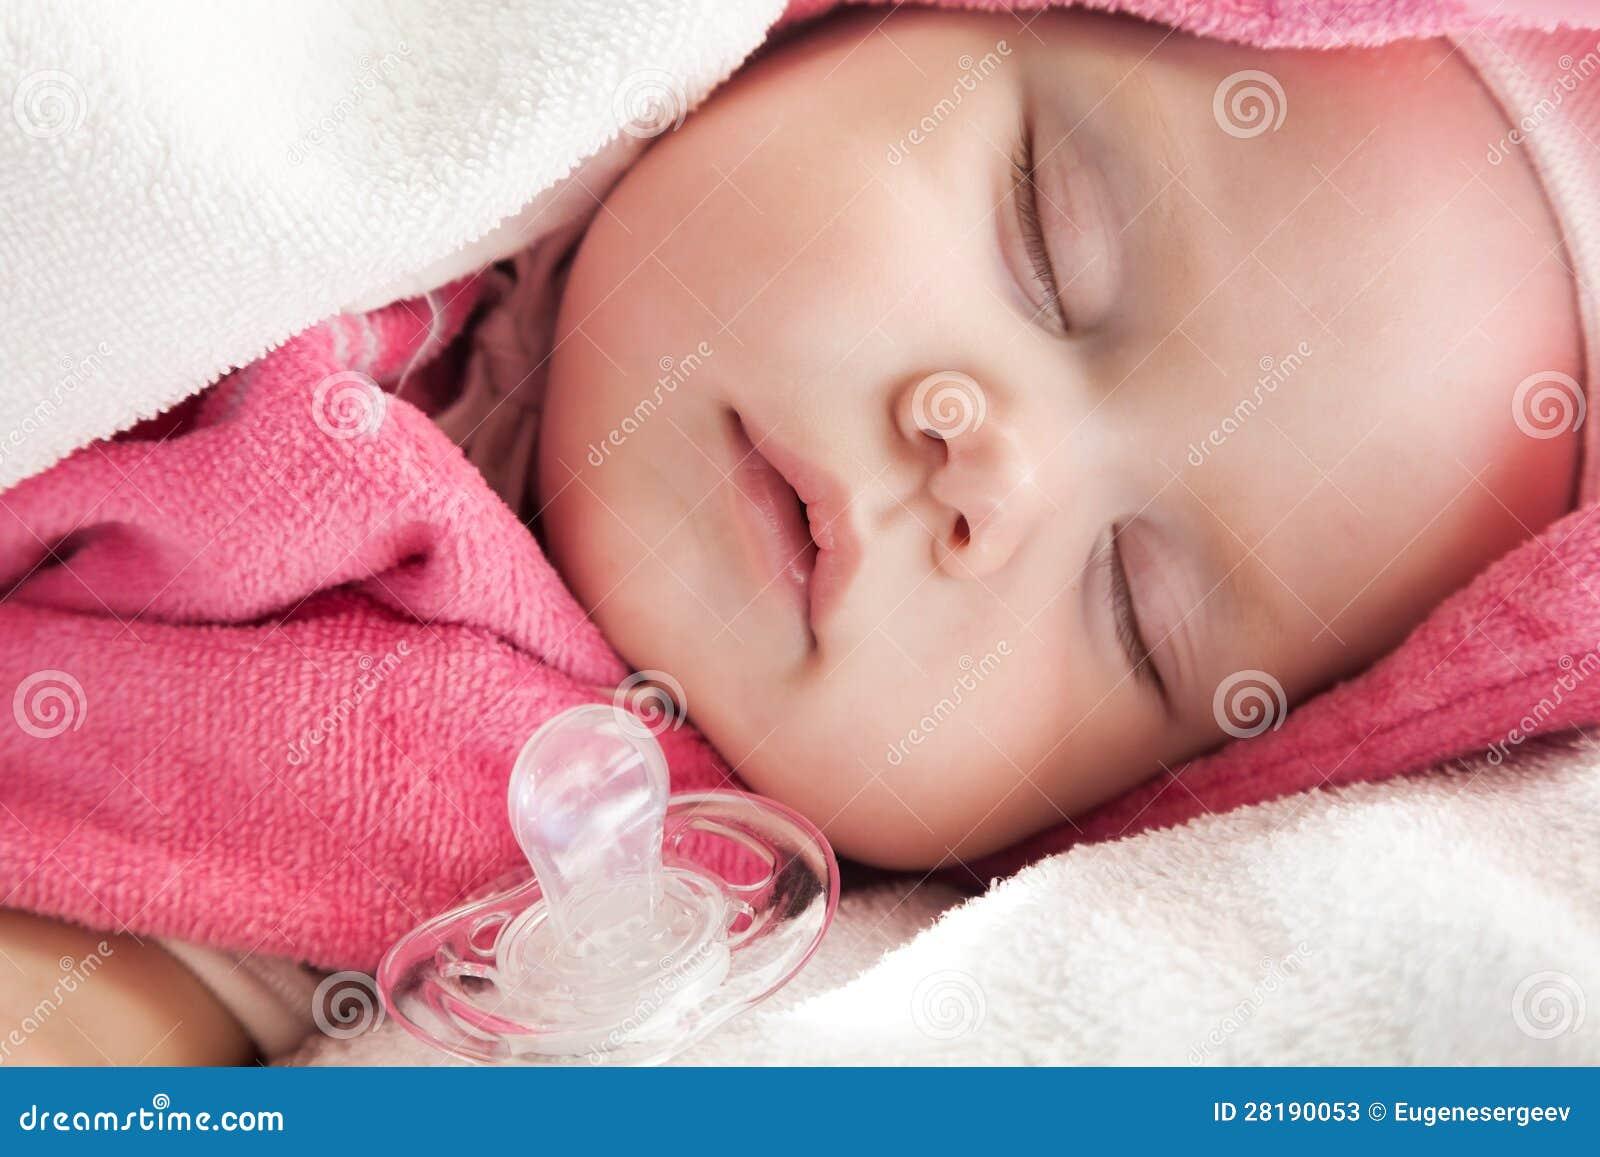 Розовый сосок девочки фото 4 фотография